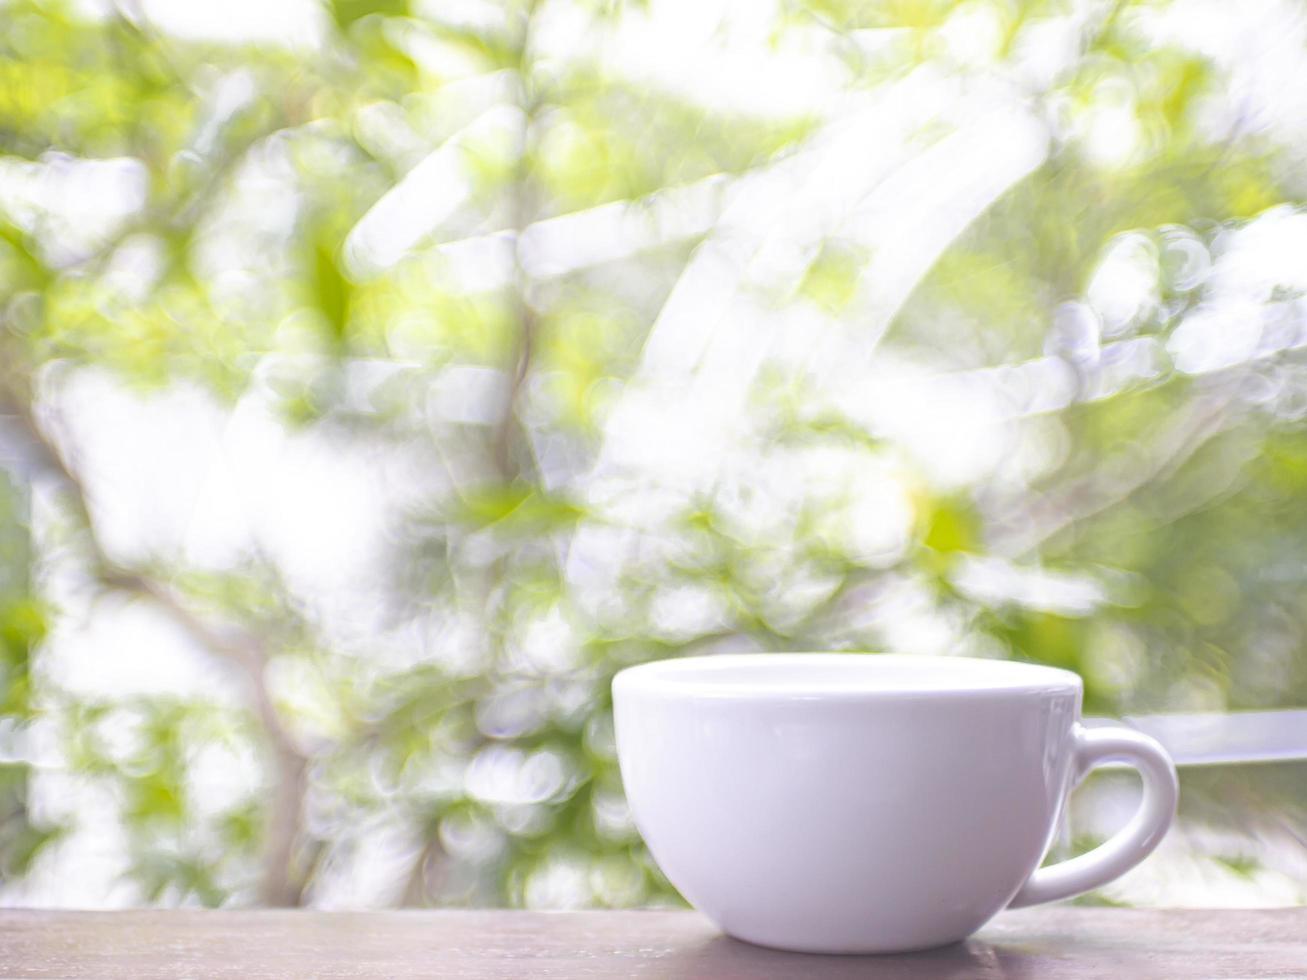 tazza di caffè sul tavolo fuori foto